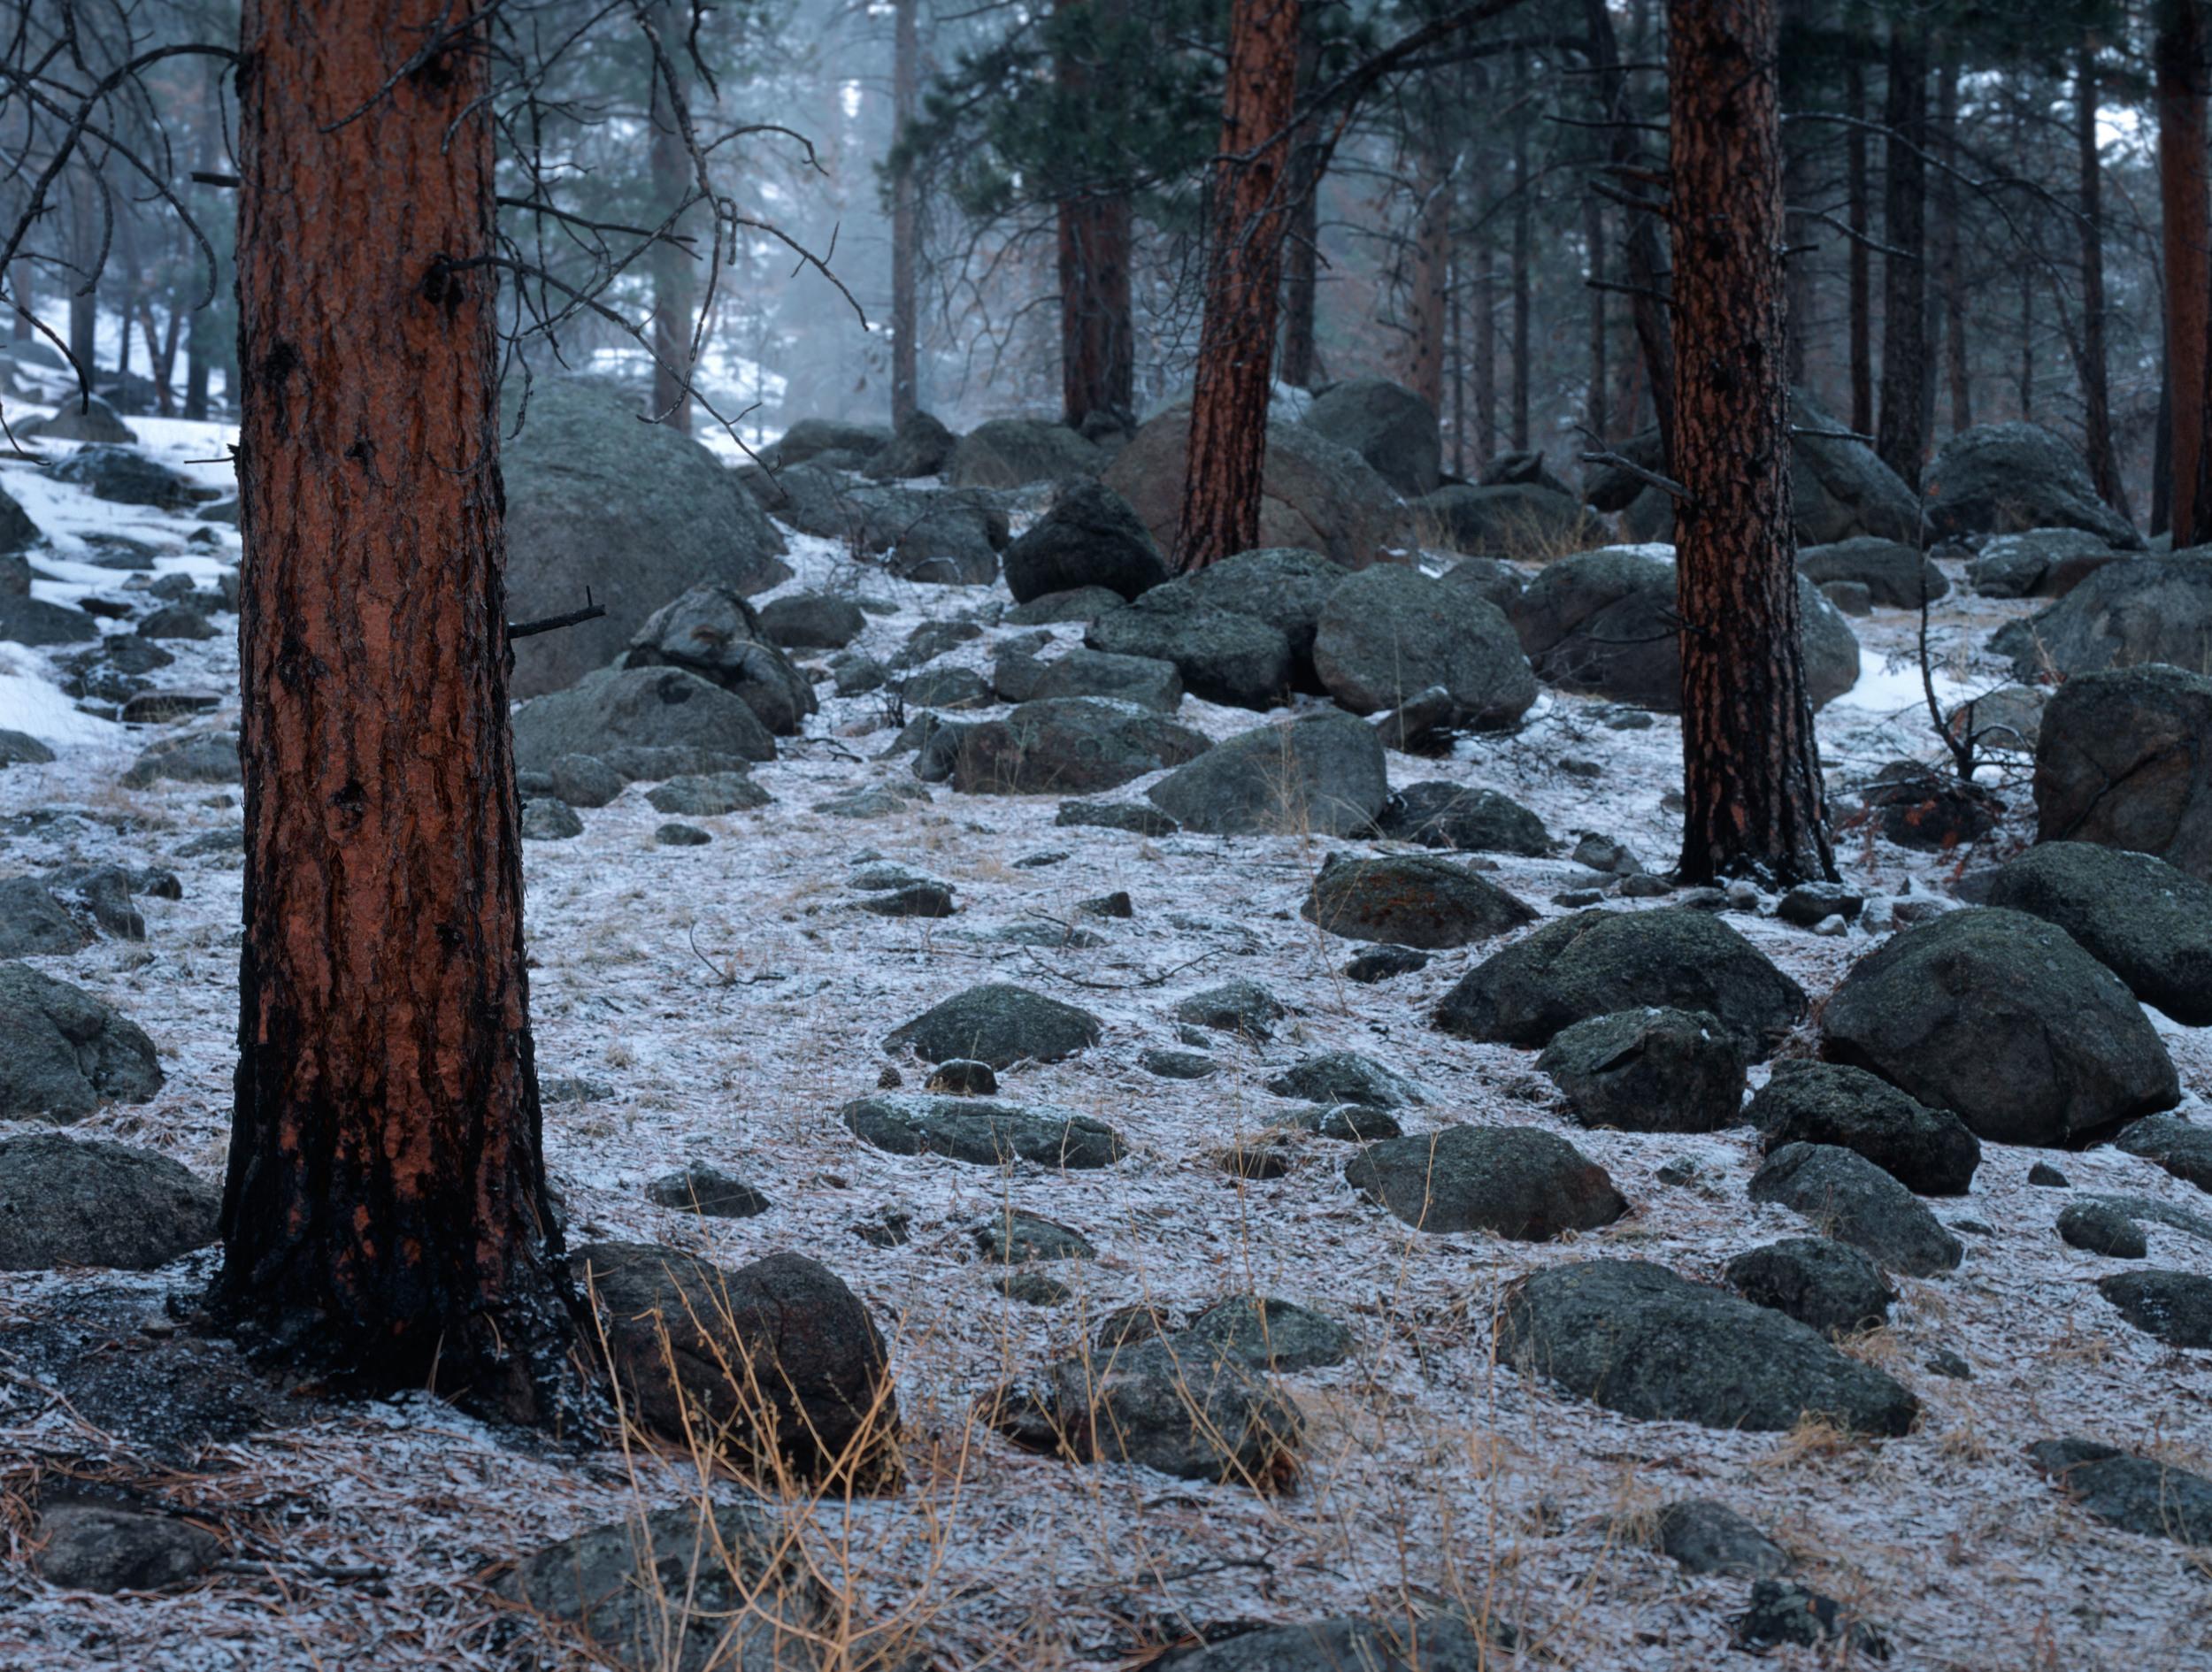 050218 Snowstorn at RMNP.jpg